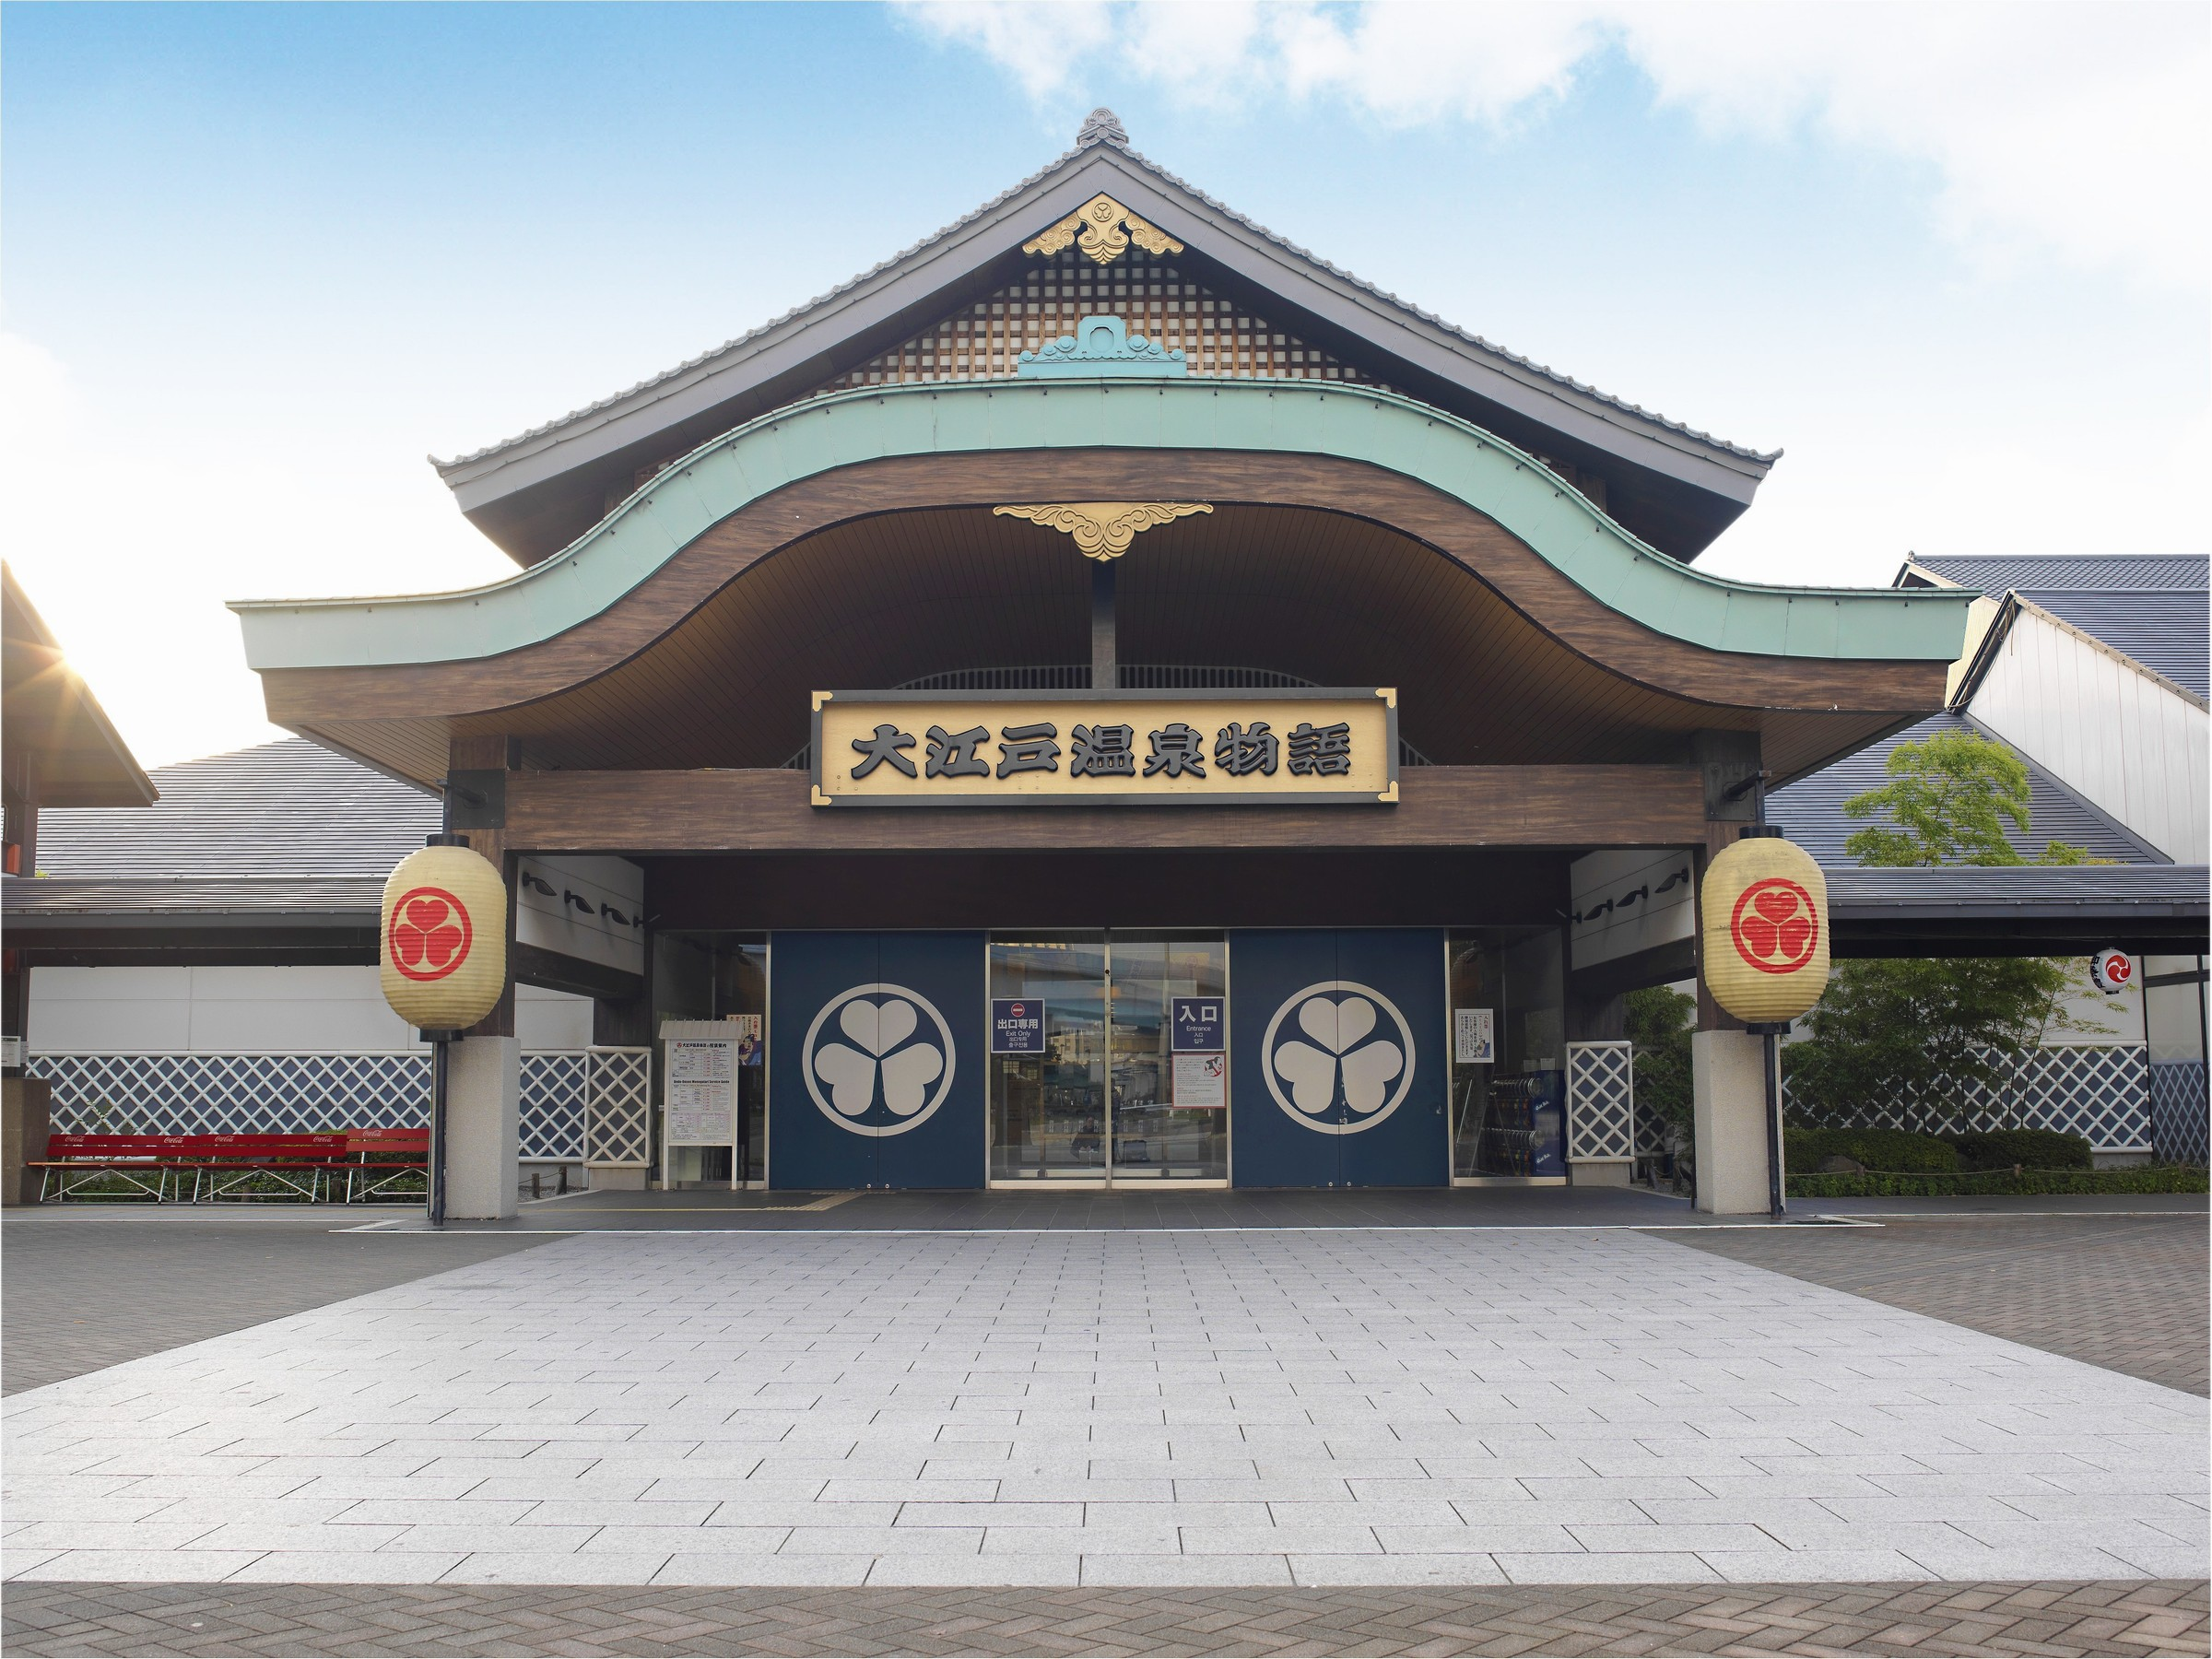 東京日帰りで、スーパー銭湯のように一日中ゆっくり過ごせる温泉宿はどこ?